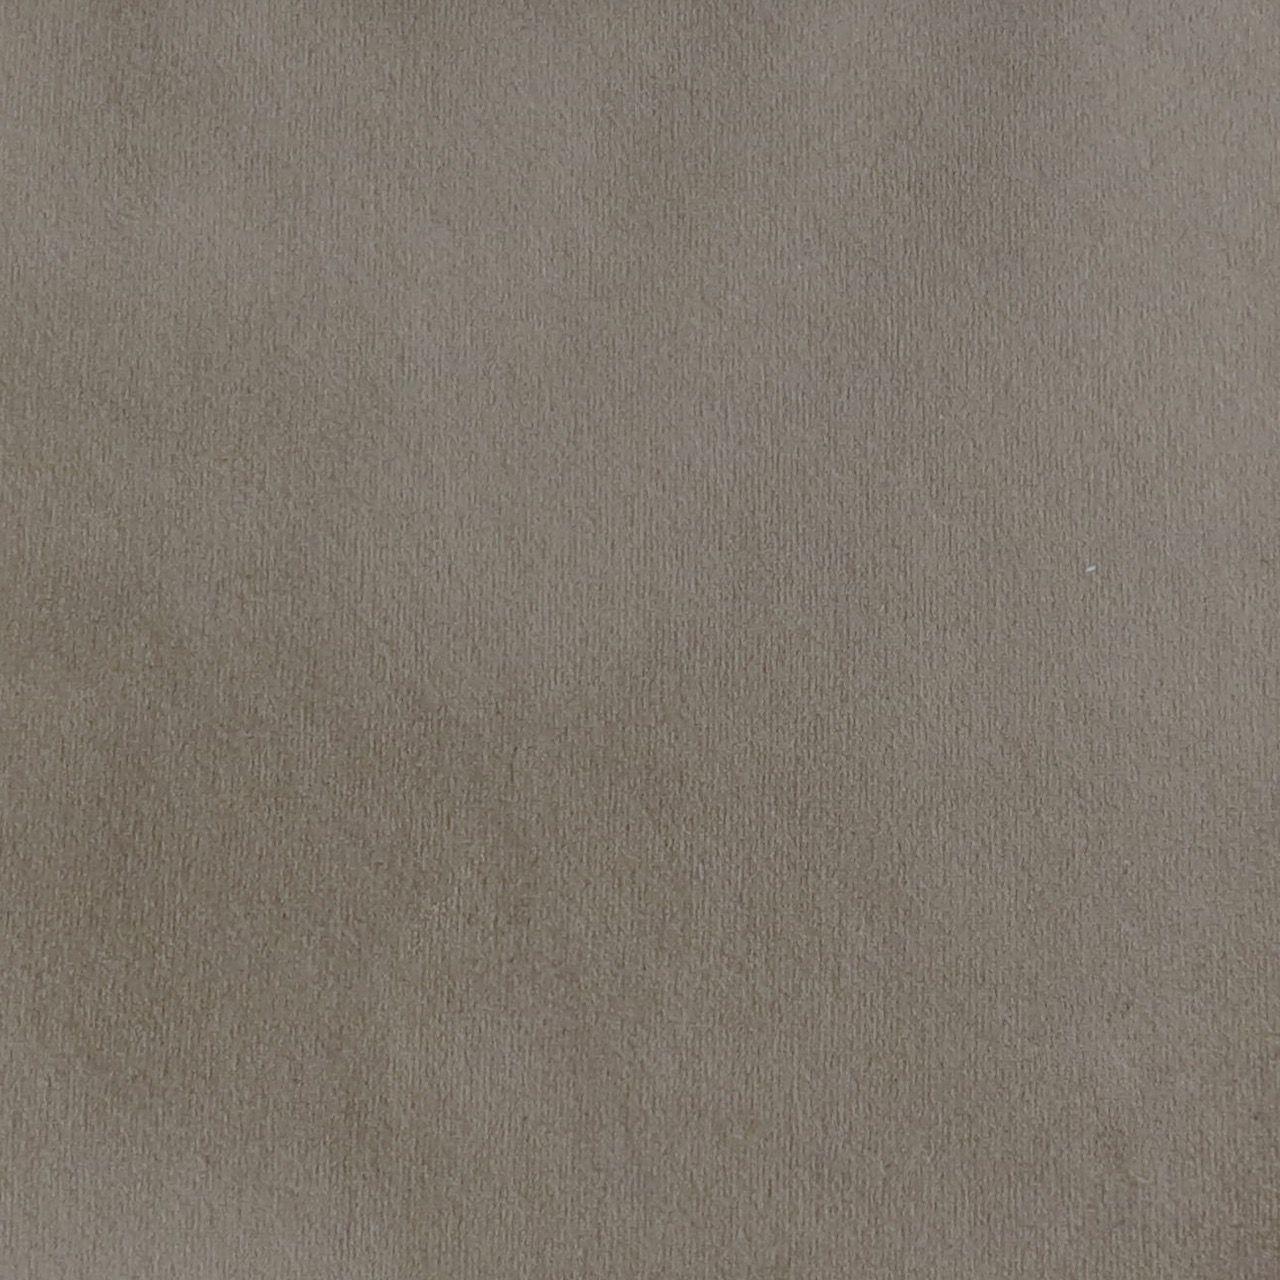 Cadiz Velvet 03 - Fabric